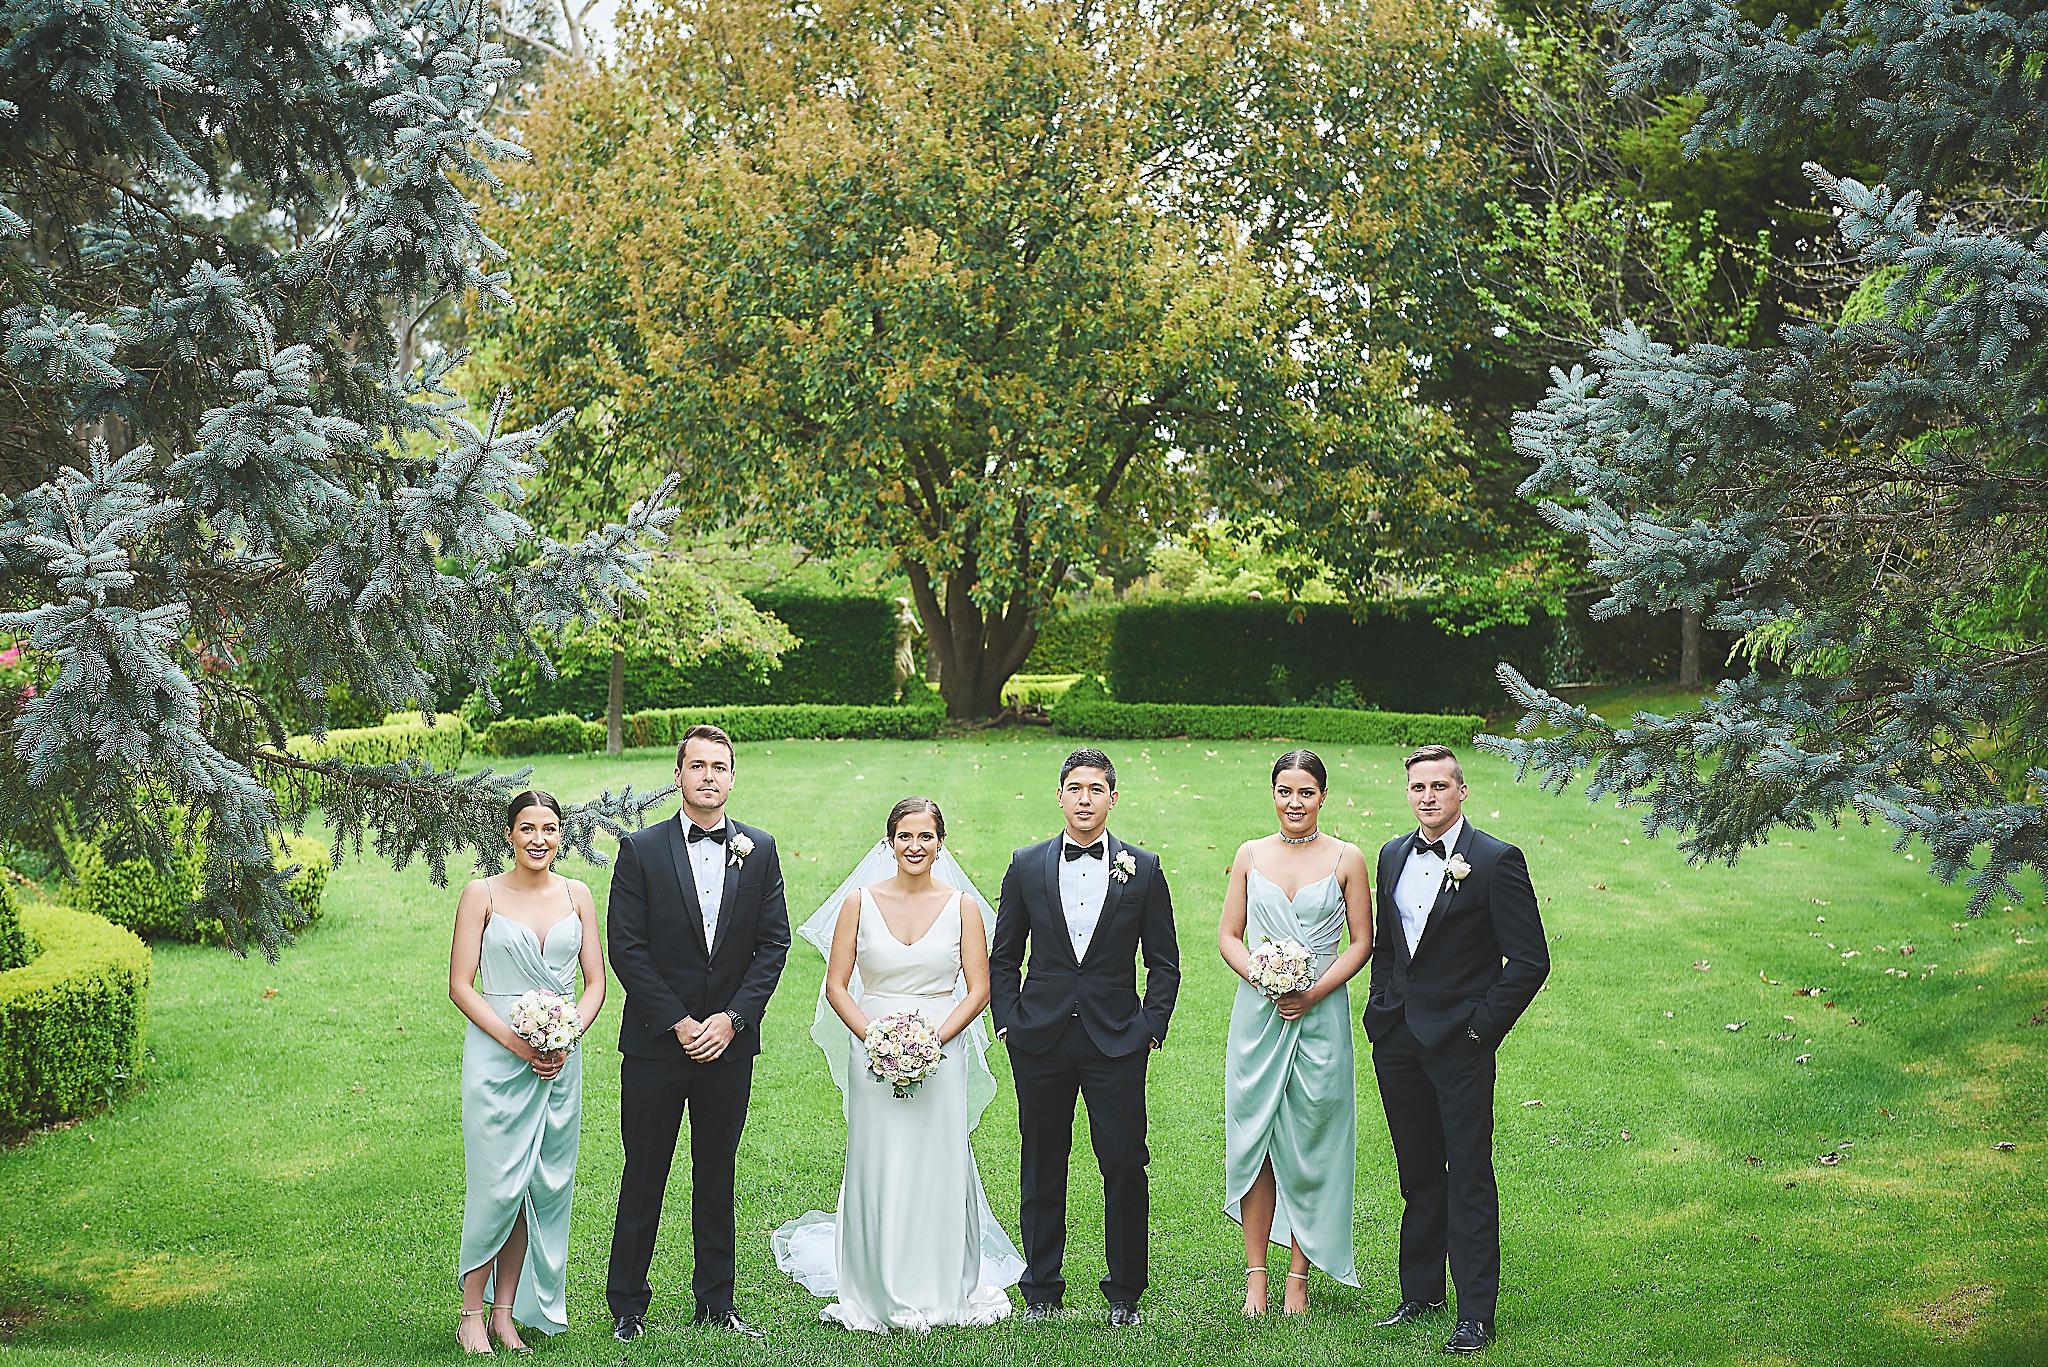 adelaide_hills_wedding_photography_0011.jpg